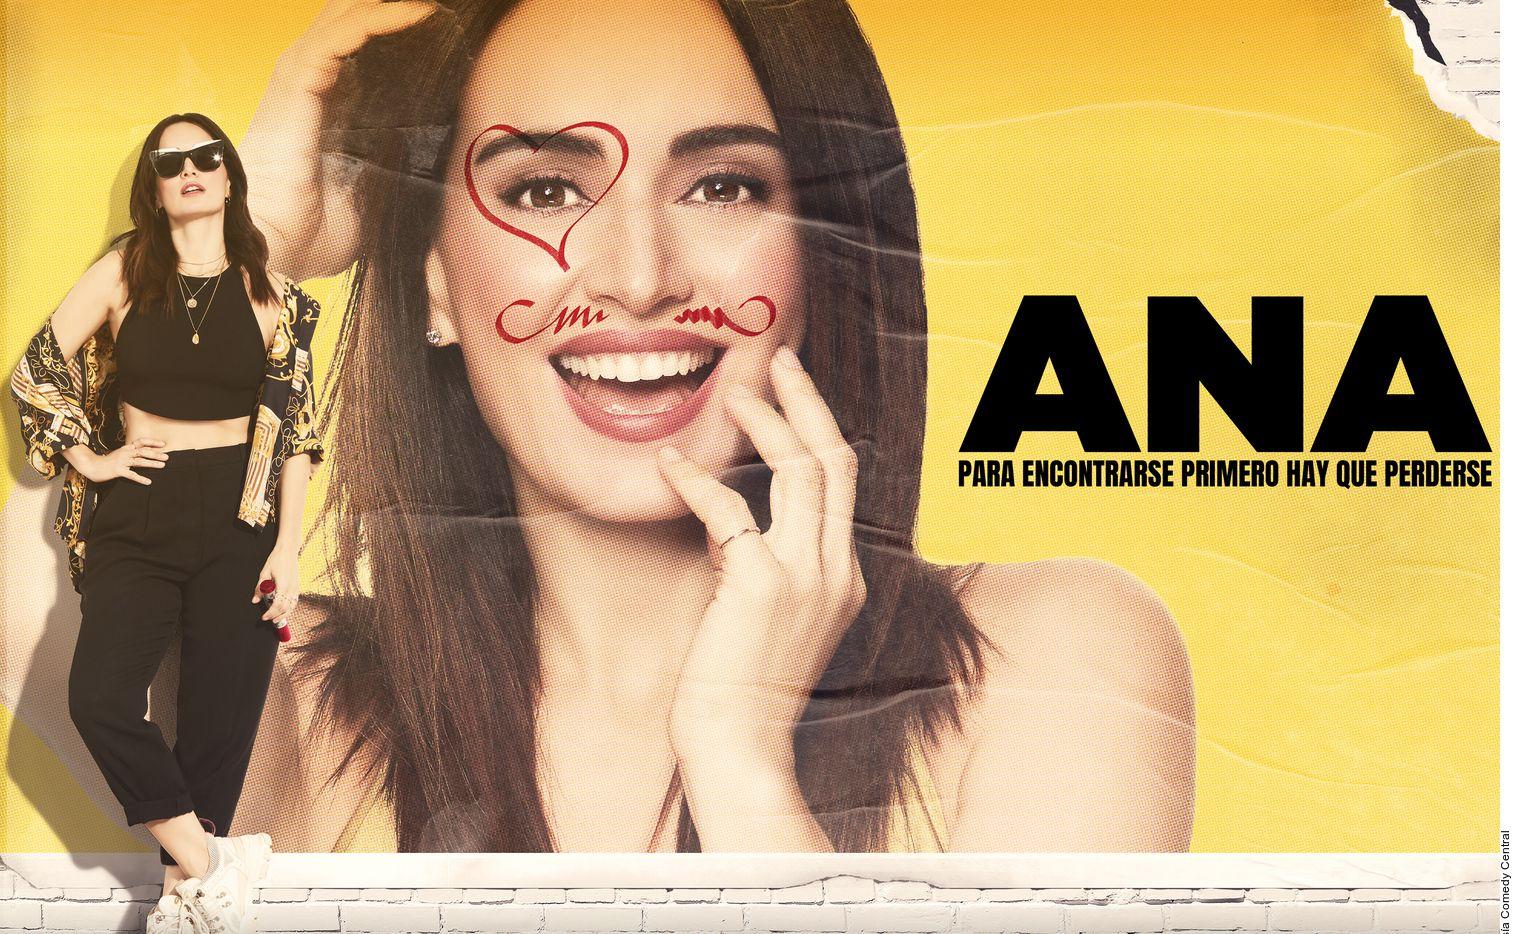 La mexicana Ana de la Reguera volverá a la pantalla chica con las segunda y tercera temporada de la serie 'Ana', una comedia inspirada en su vida que se puede ver en Amazon Prime Video.